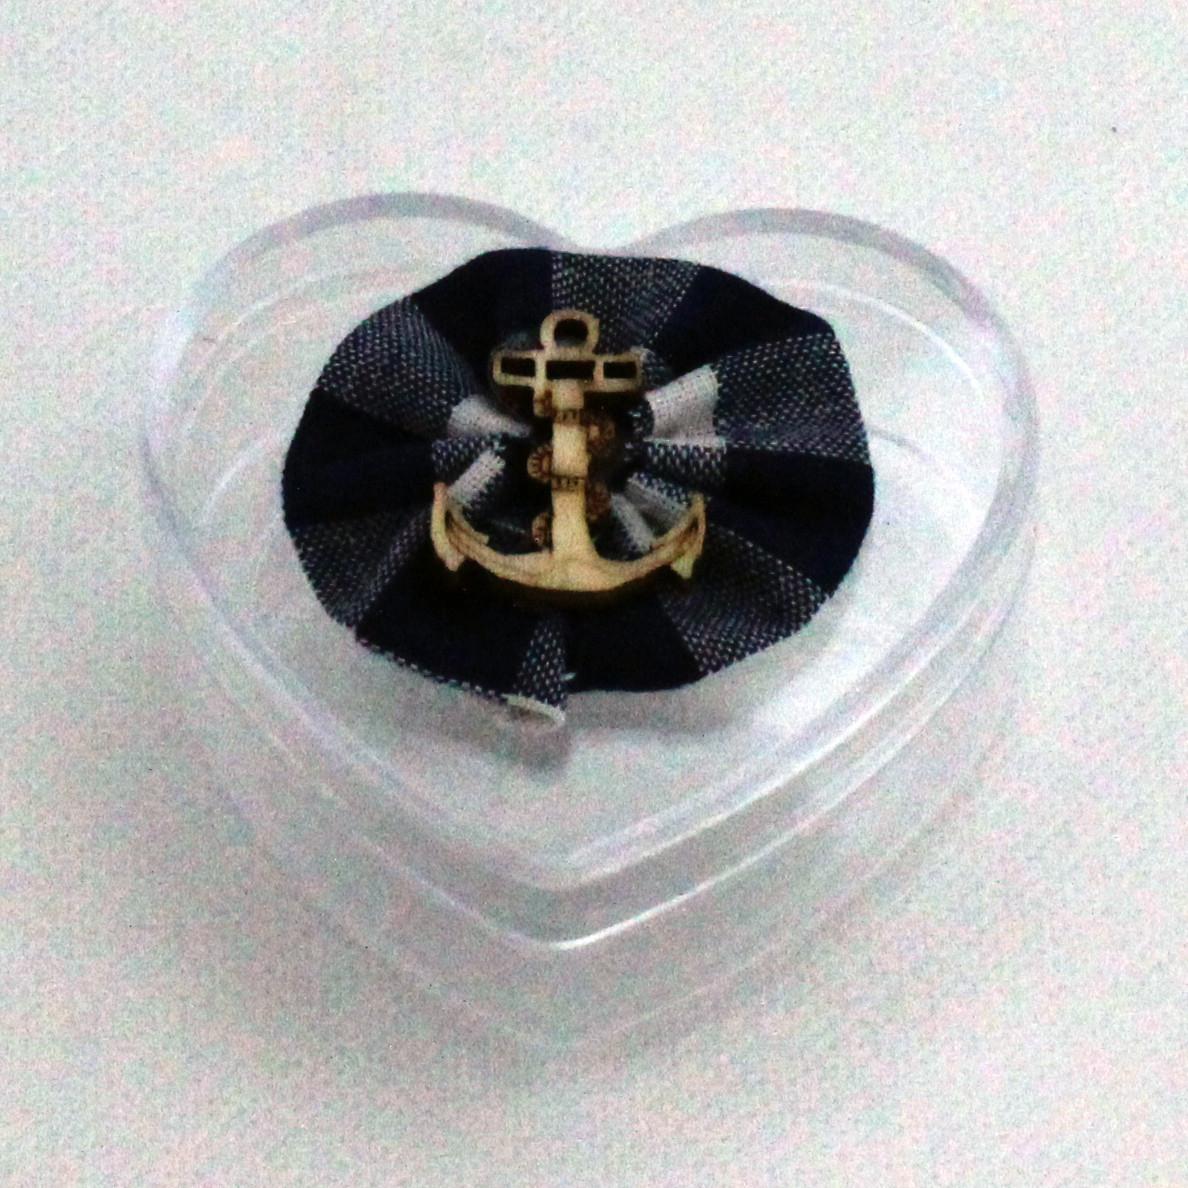 Scatolina cuore in plastica rigida marinaio ancora timone (kit 24 pezzi)